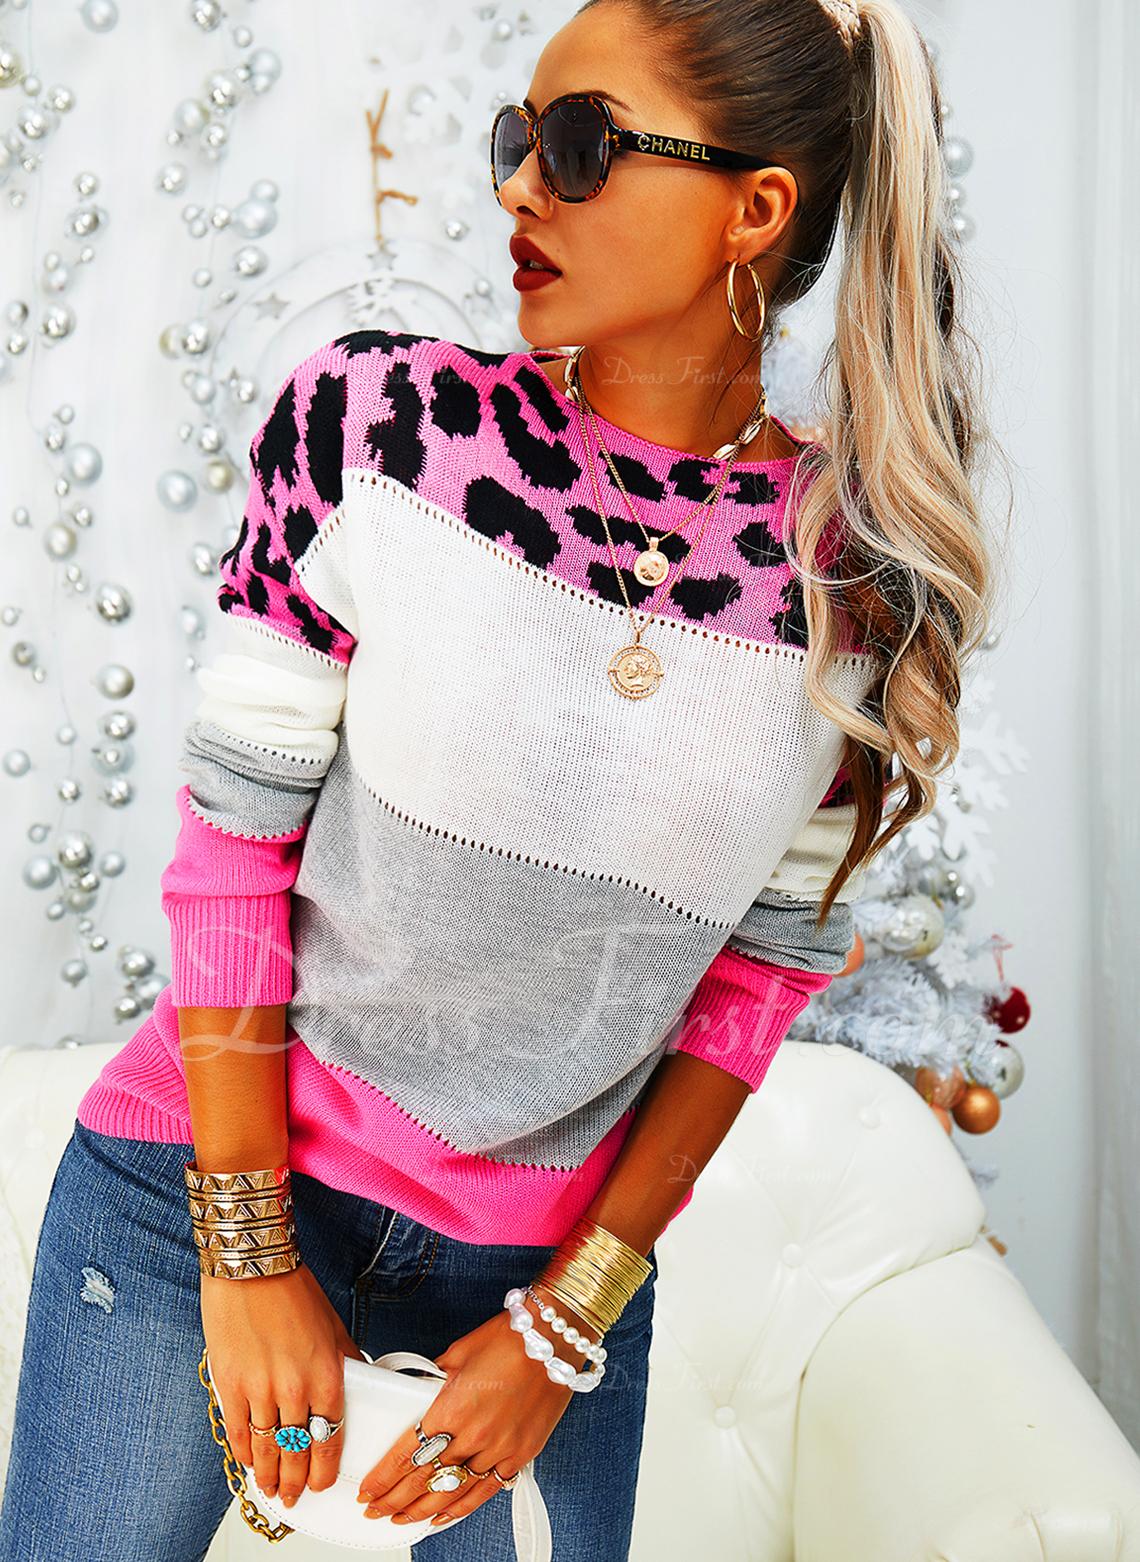 Rundhalsausschnitt Lässige Kleidung Leopard Farbblock Pullover